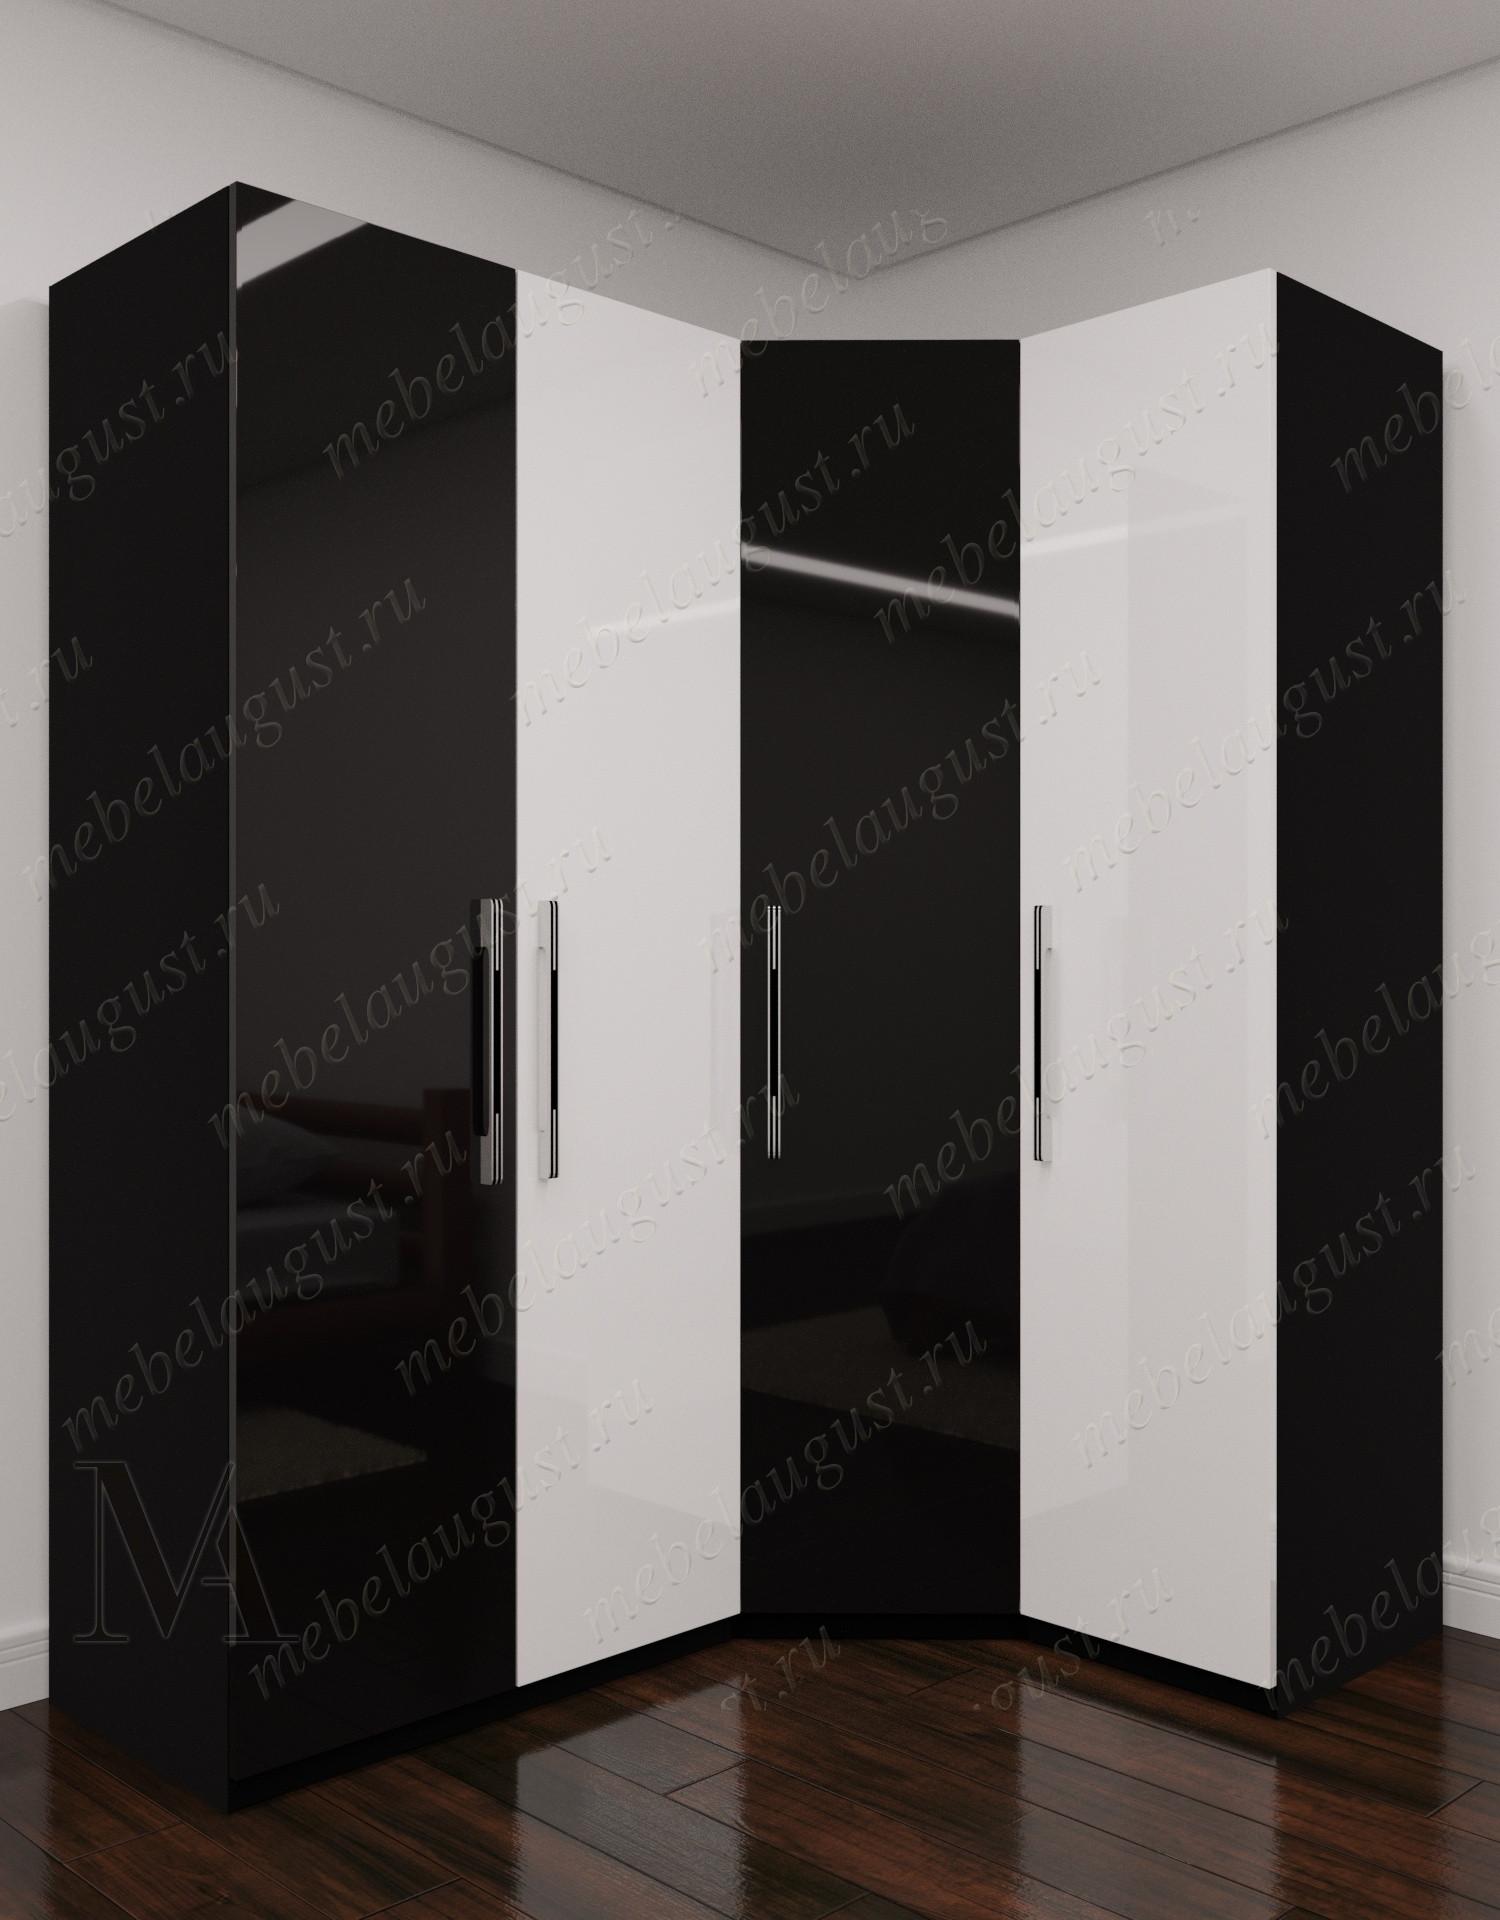 4-створчатый угловой распашной шкаф для одежды для спальни цвета черно-белый глянец